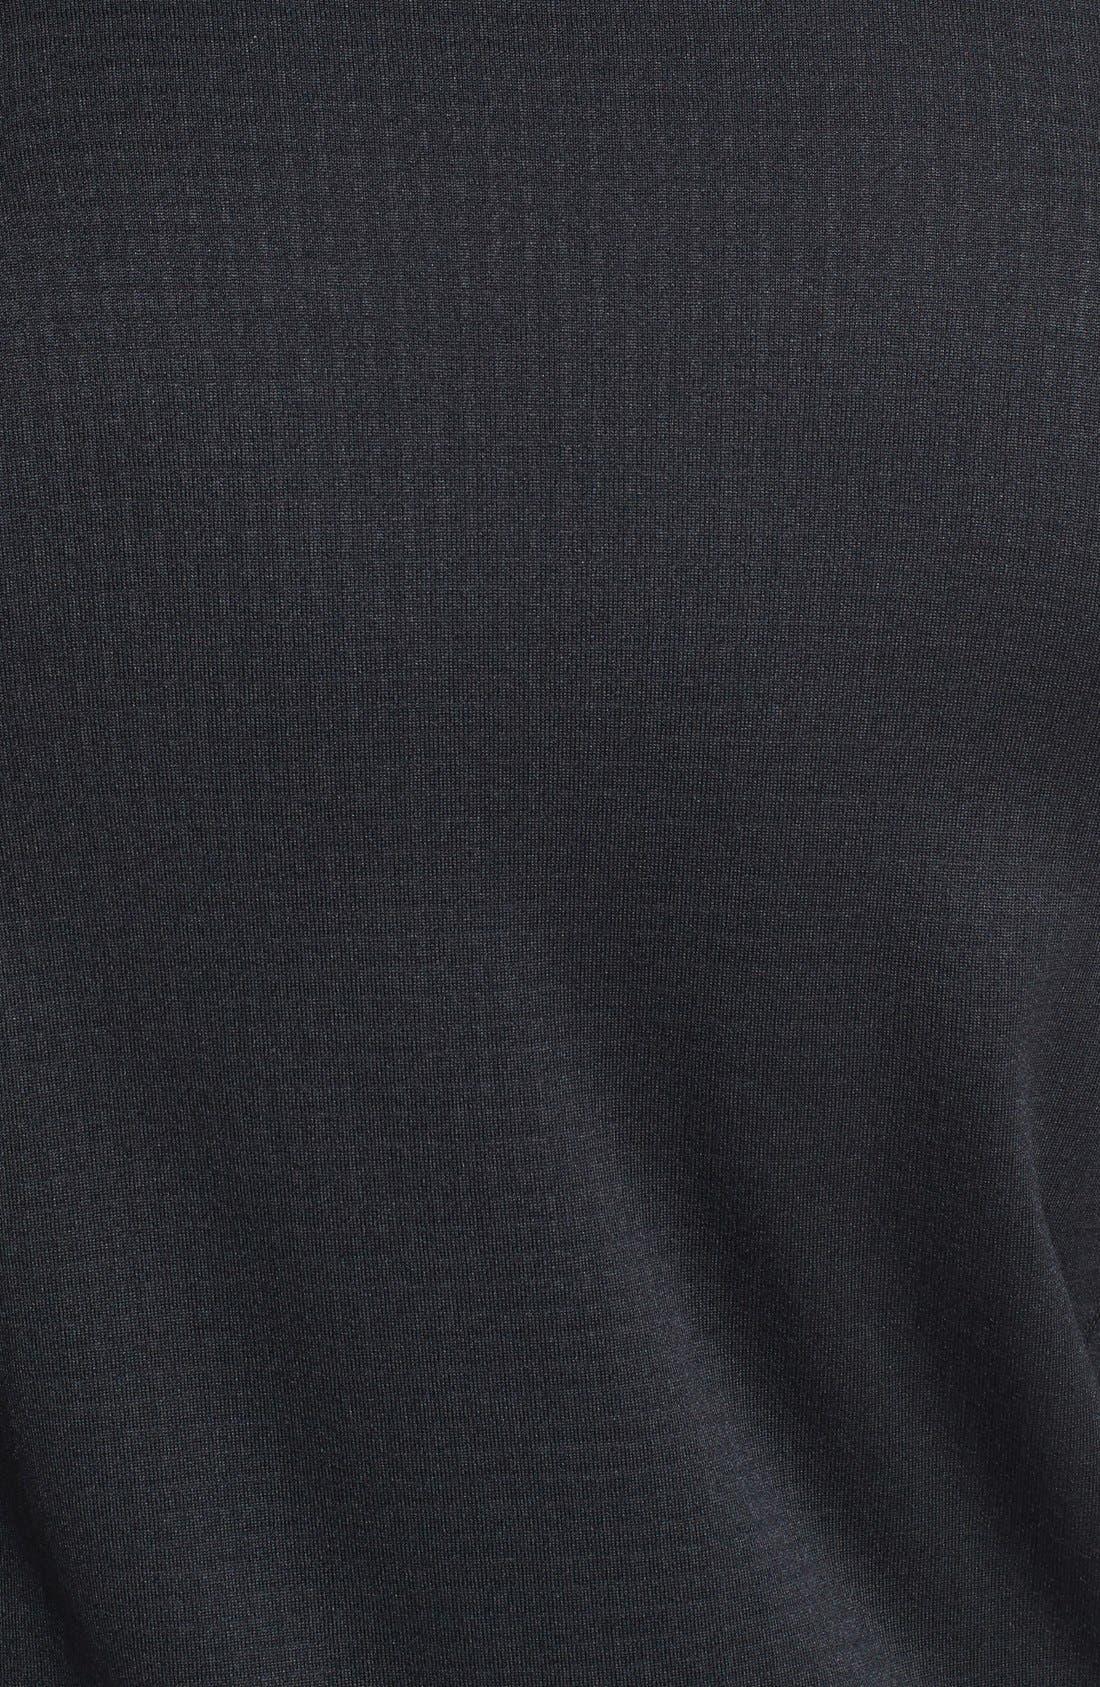 Alternate Image 3  - Patagonia 'R1®' Slim Fit Full Zip Fleece Jacket